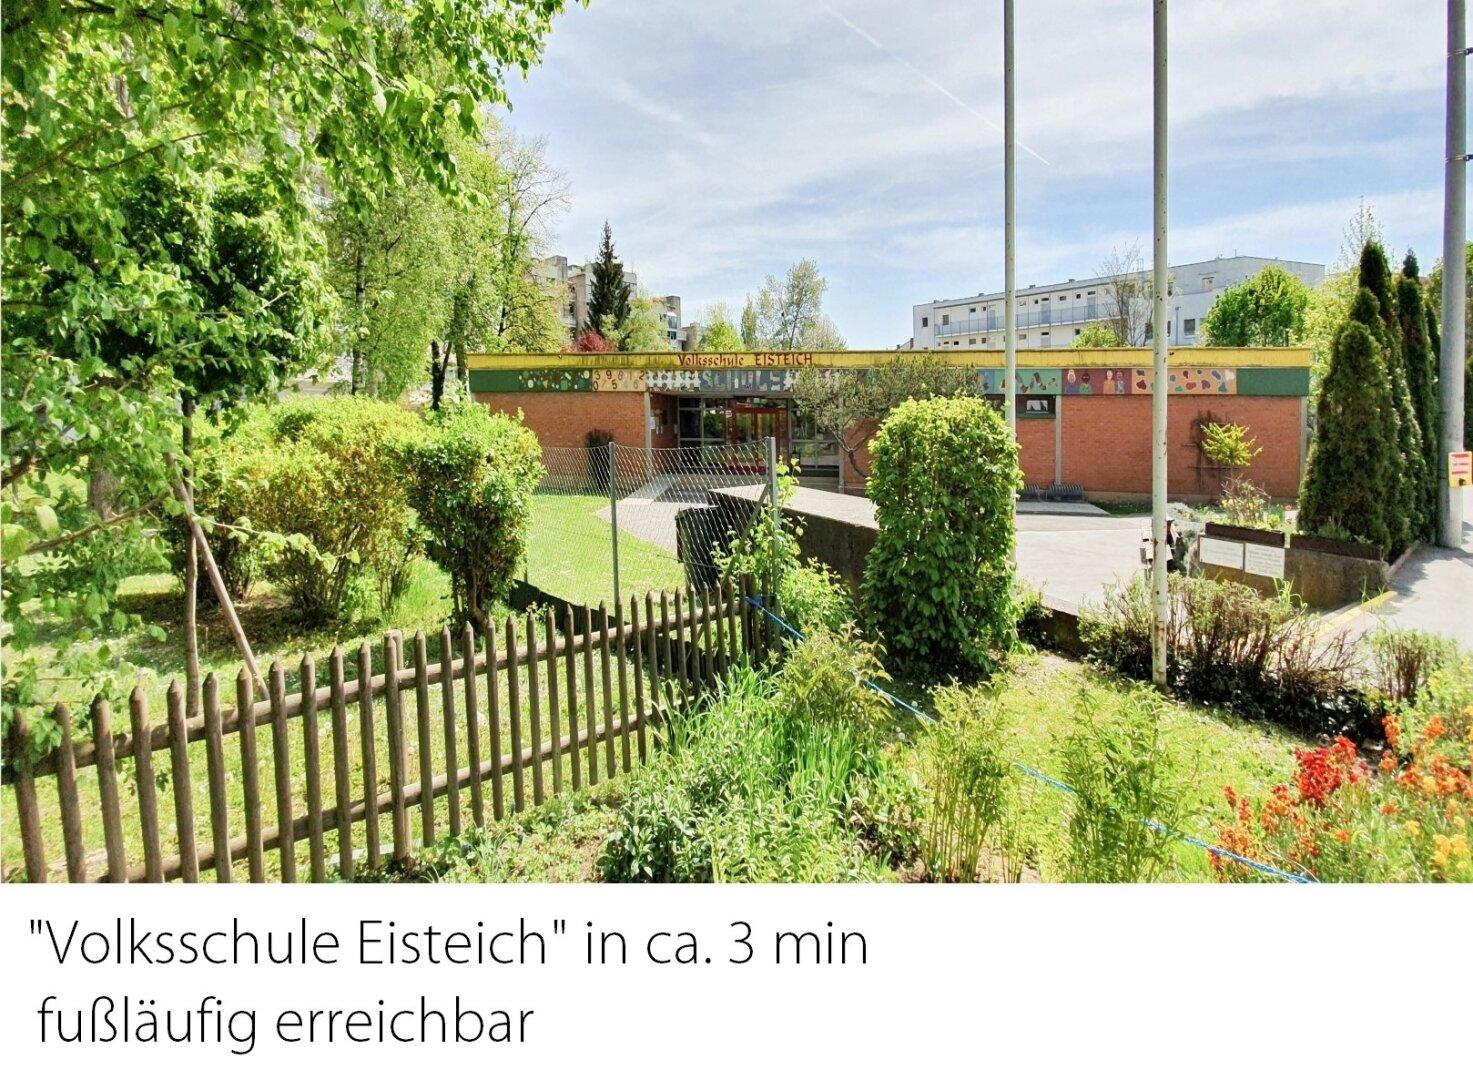 Volkschule Eisteich ca. 3 min fußläufig entfernt